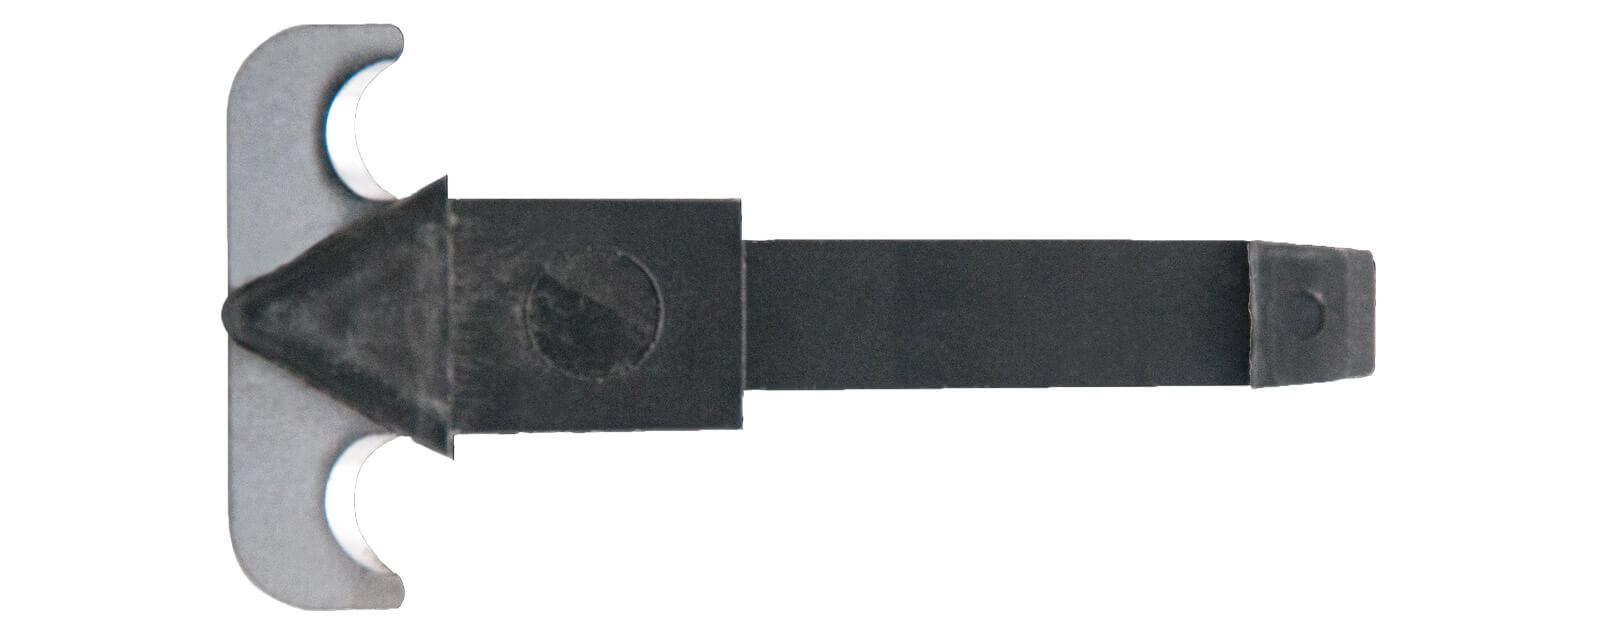 K003-Cuttermesser-Klinge-Haken-Curved-für-Klever-XChange-Sicherheitsmesser-CURT-tools_1600